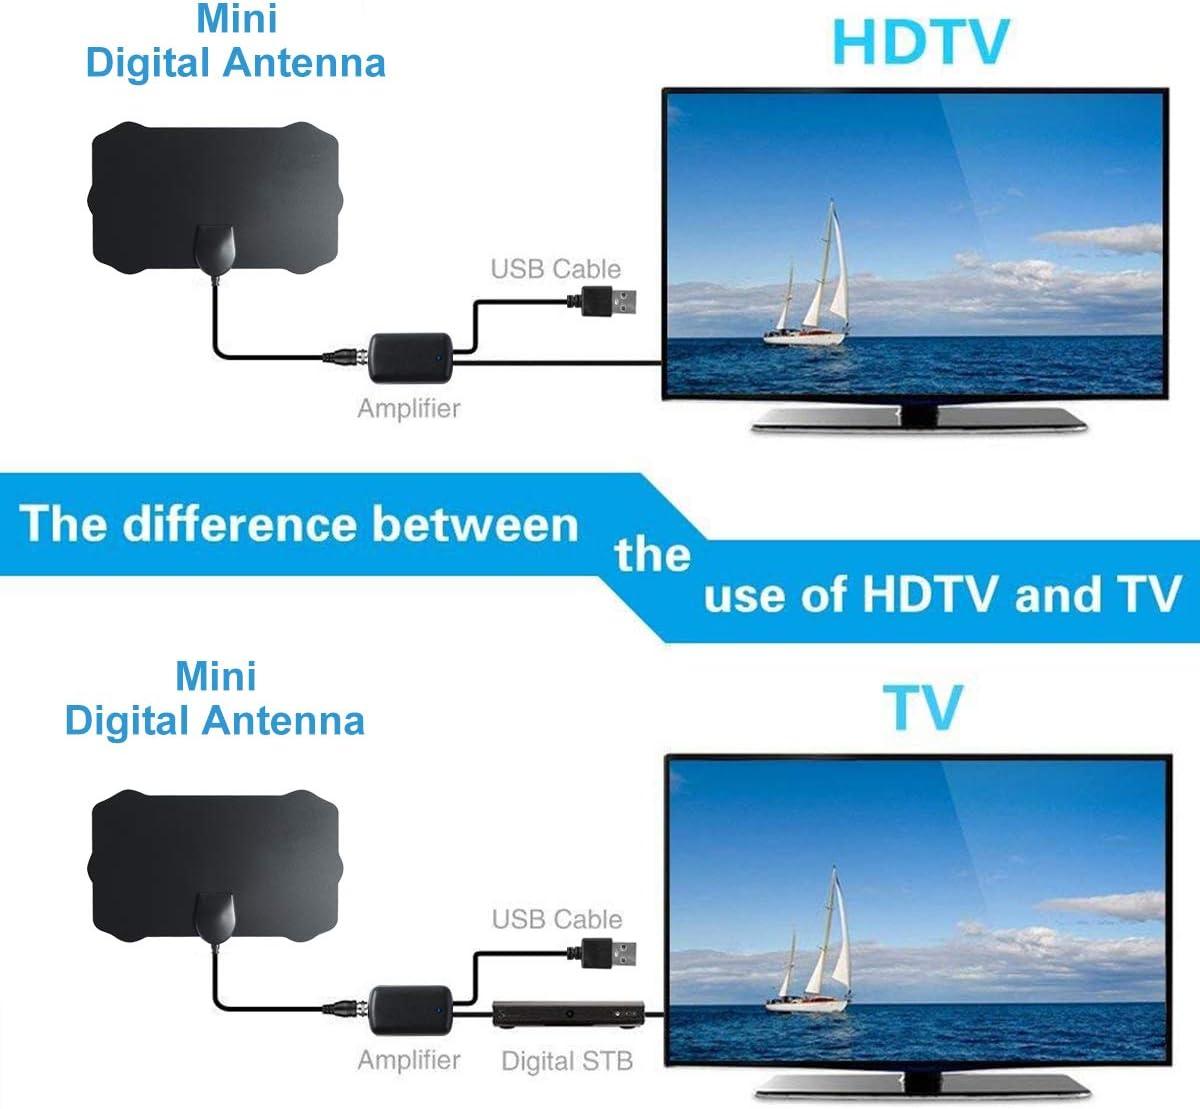 MASOMRUN Antena TV Interior- Bqeel Antena TV portátil HDTV Digital con Amplificador de señal Inteligente para Canales de TV 1080P 4K gratuitos para ...